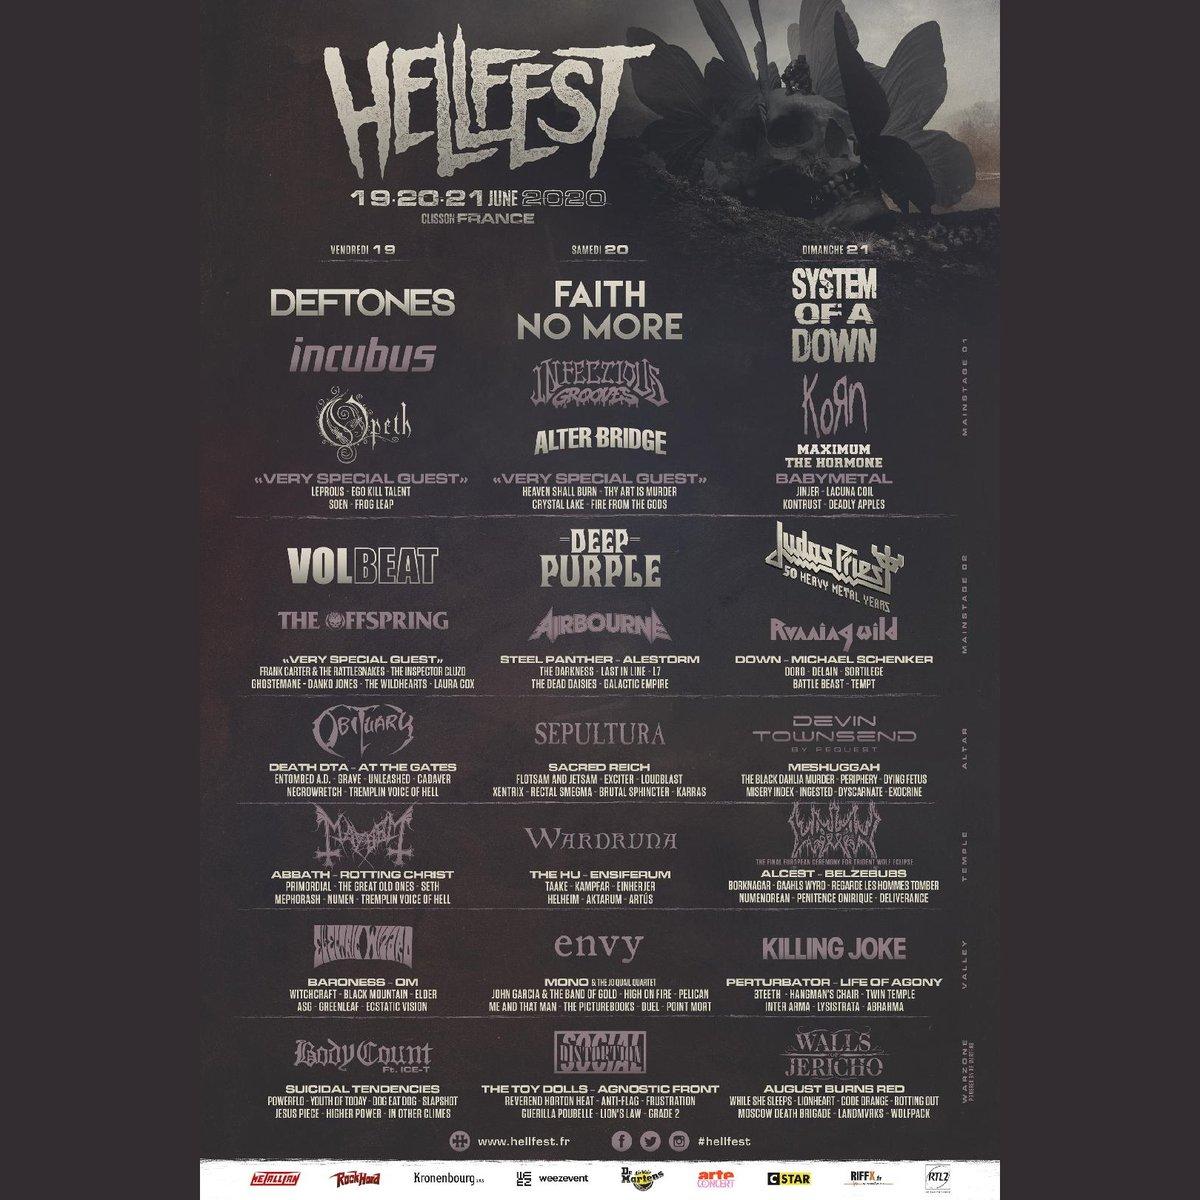 Bildergebnis für hellfest 2020 line up